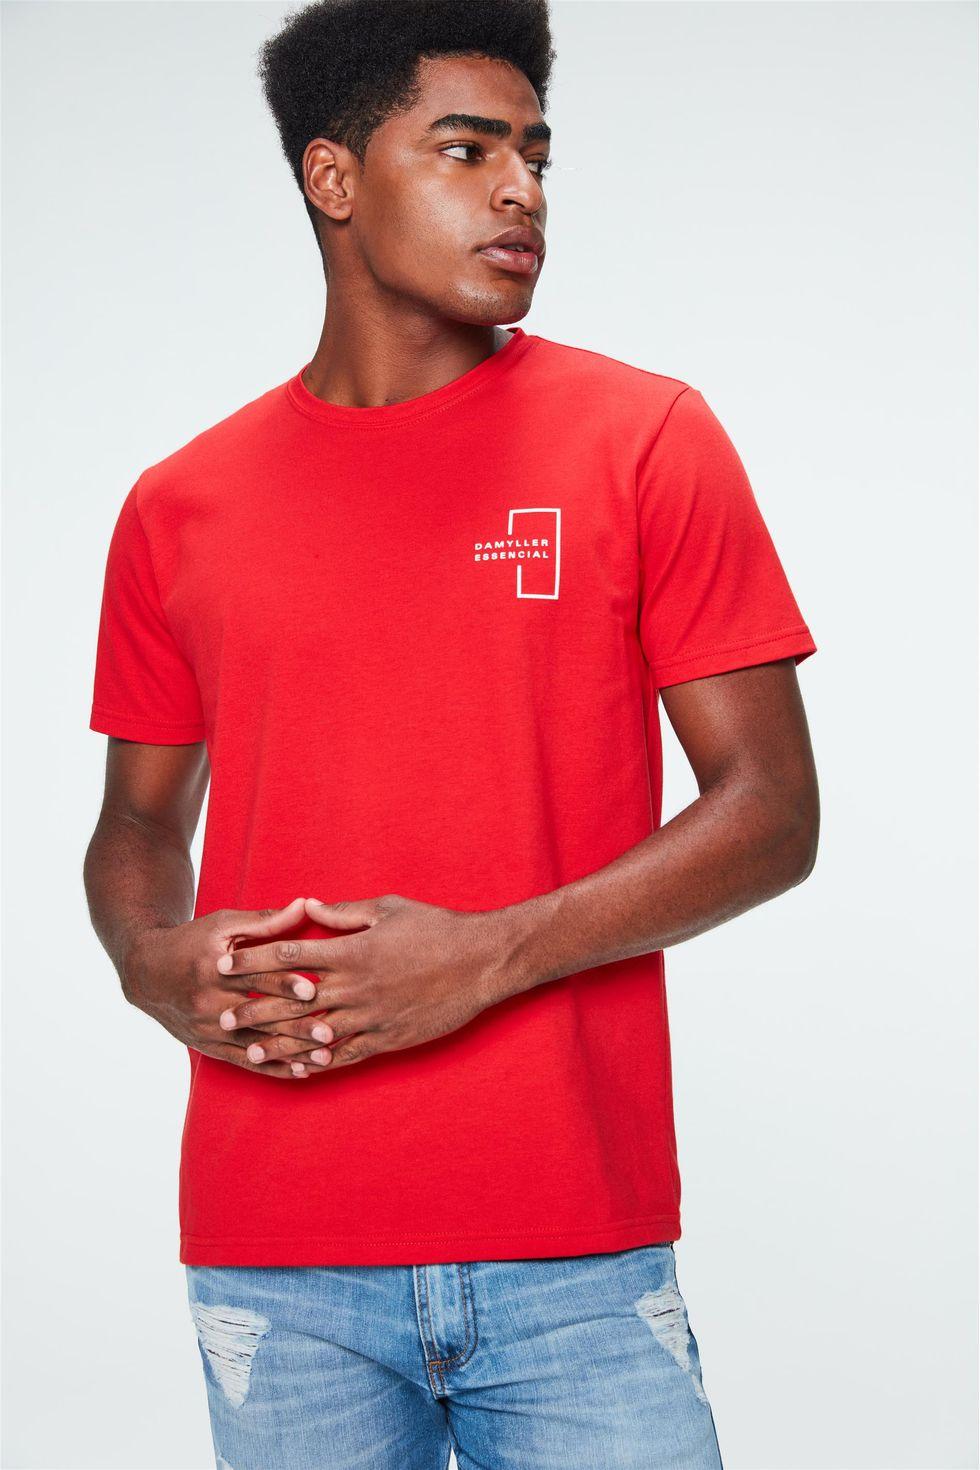 Camiseta-com-Estampa-Damyller-Essencial-Frente--